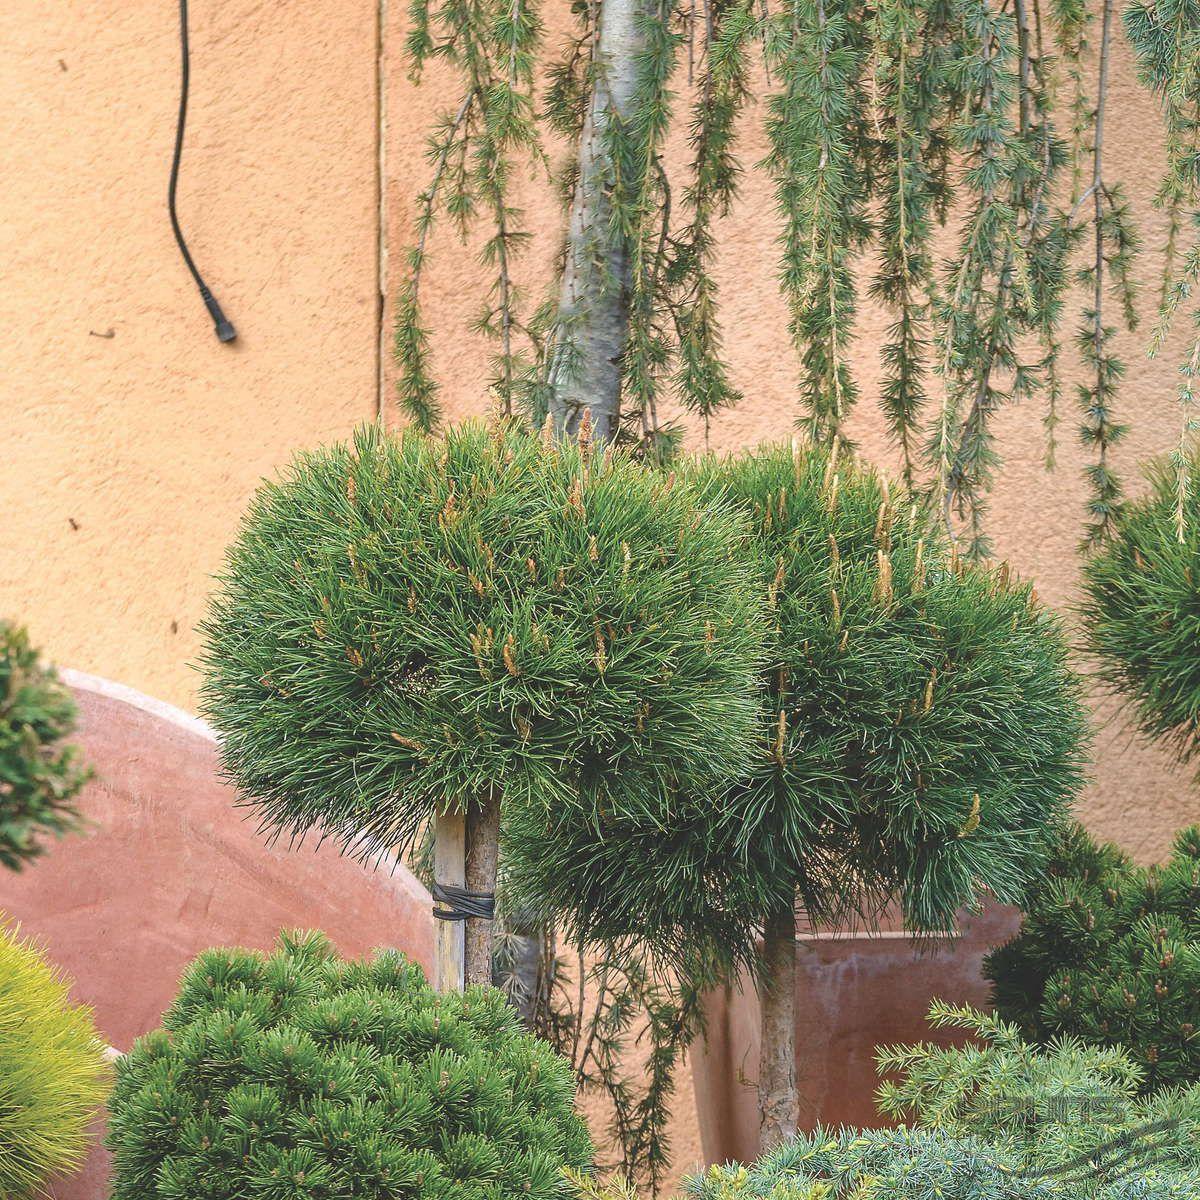 Описание горной сосны Варелла, посадка и уход за растением